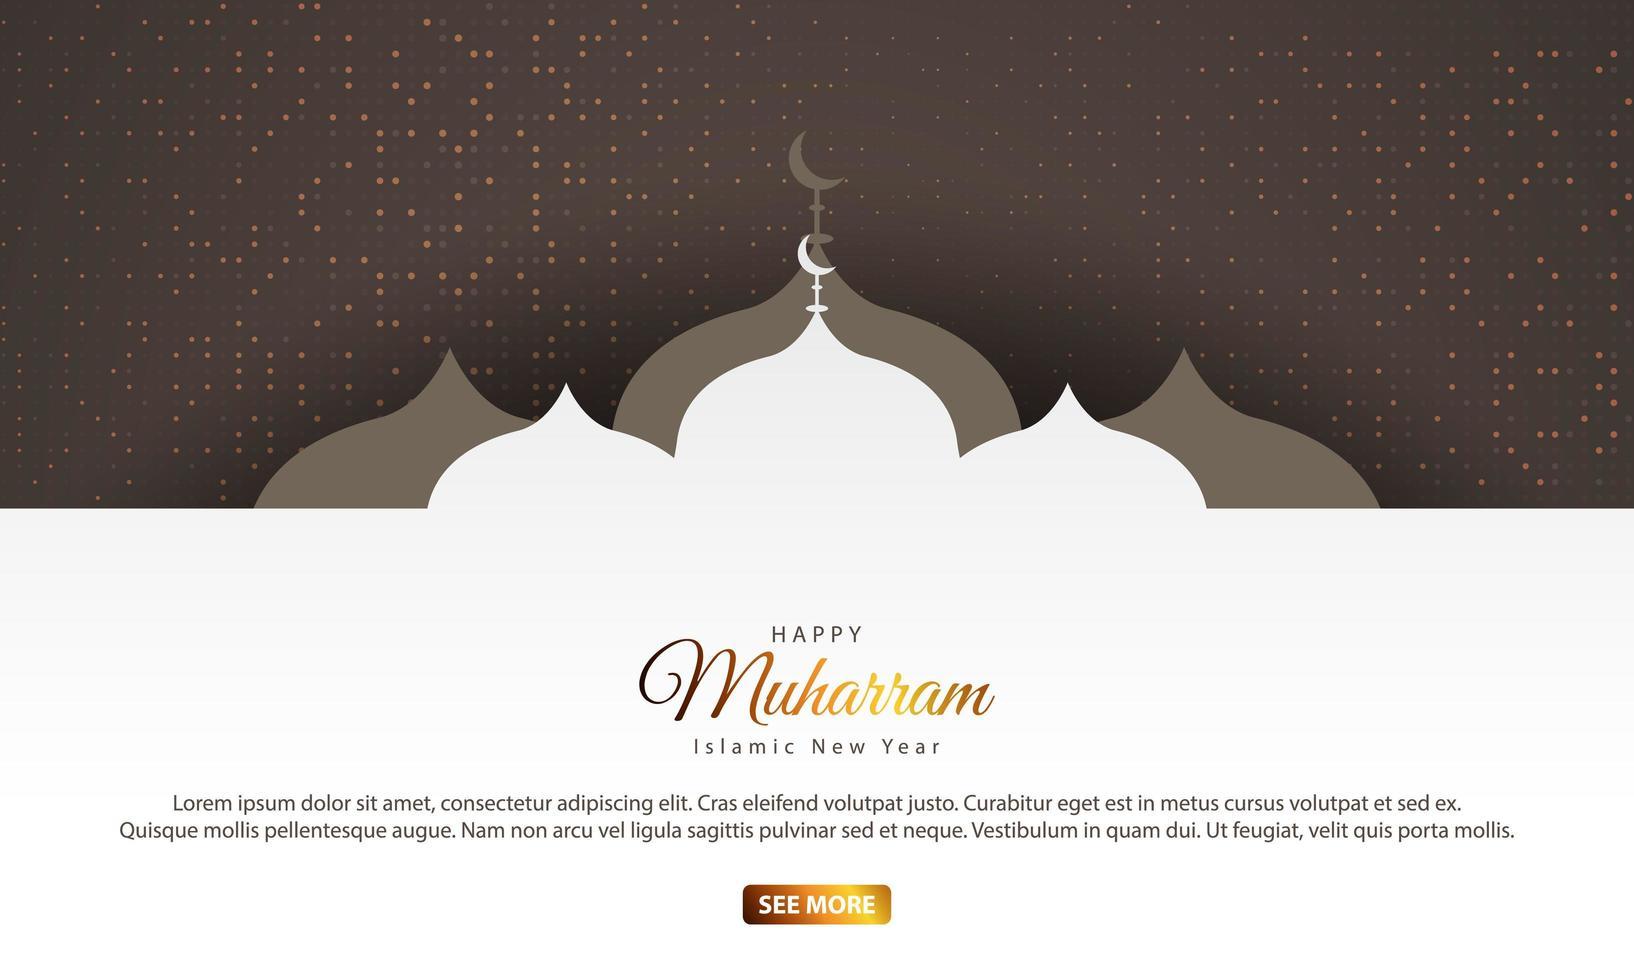 islamitisch nieuwjaarsontwerp met moskeesilhouetten vector